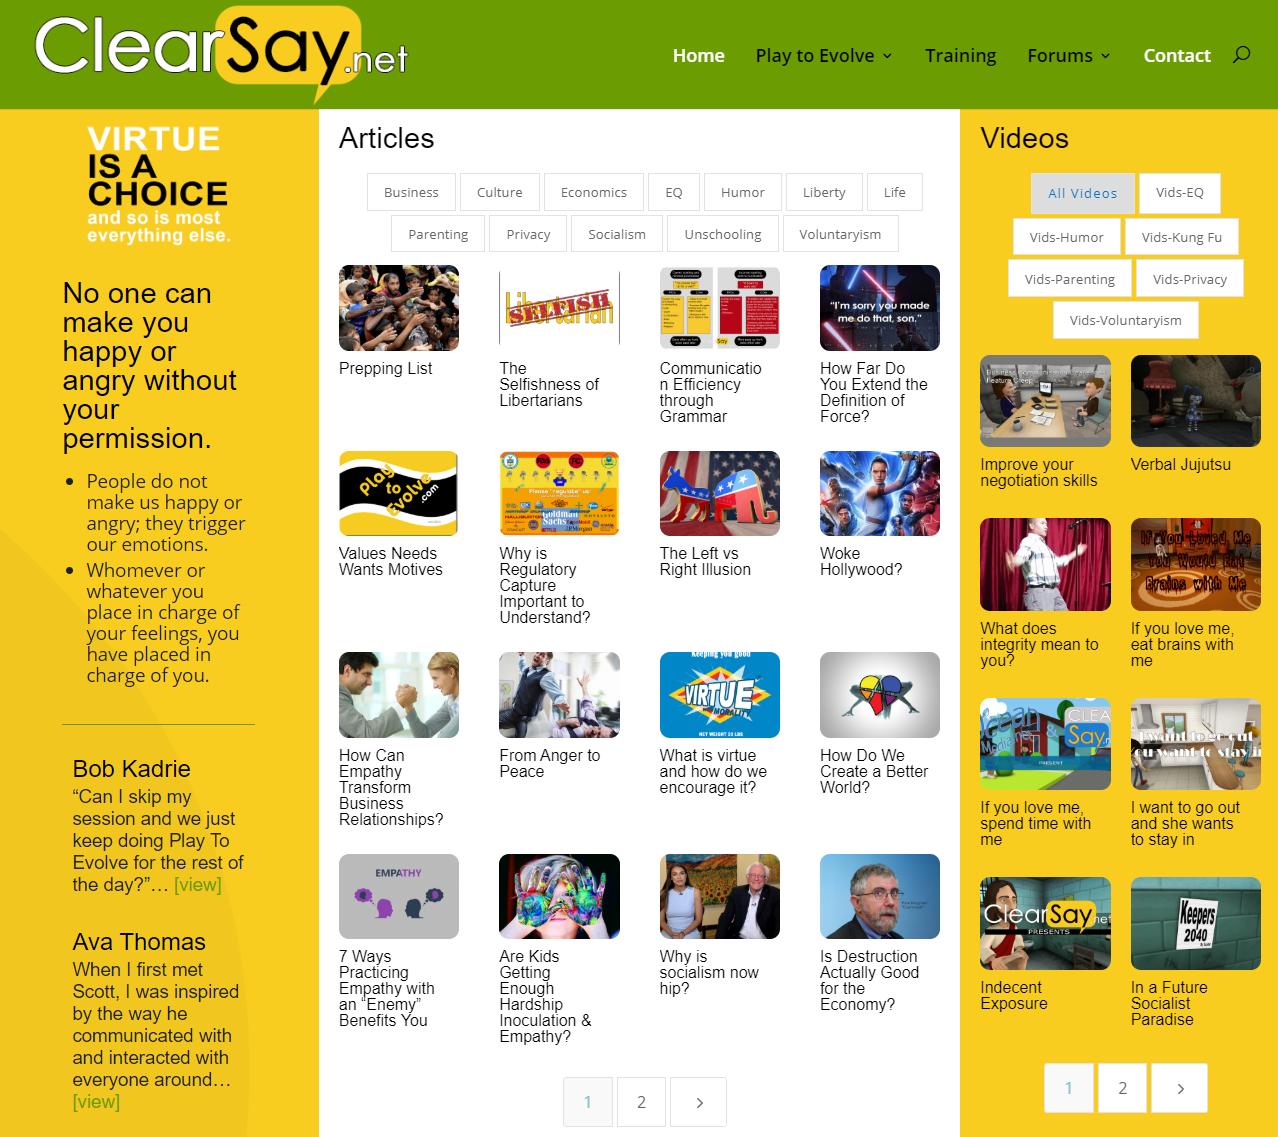 ClearSay.net